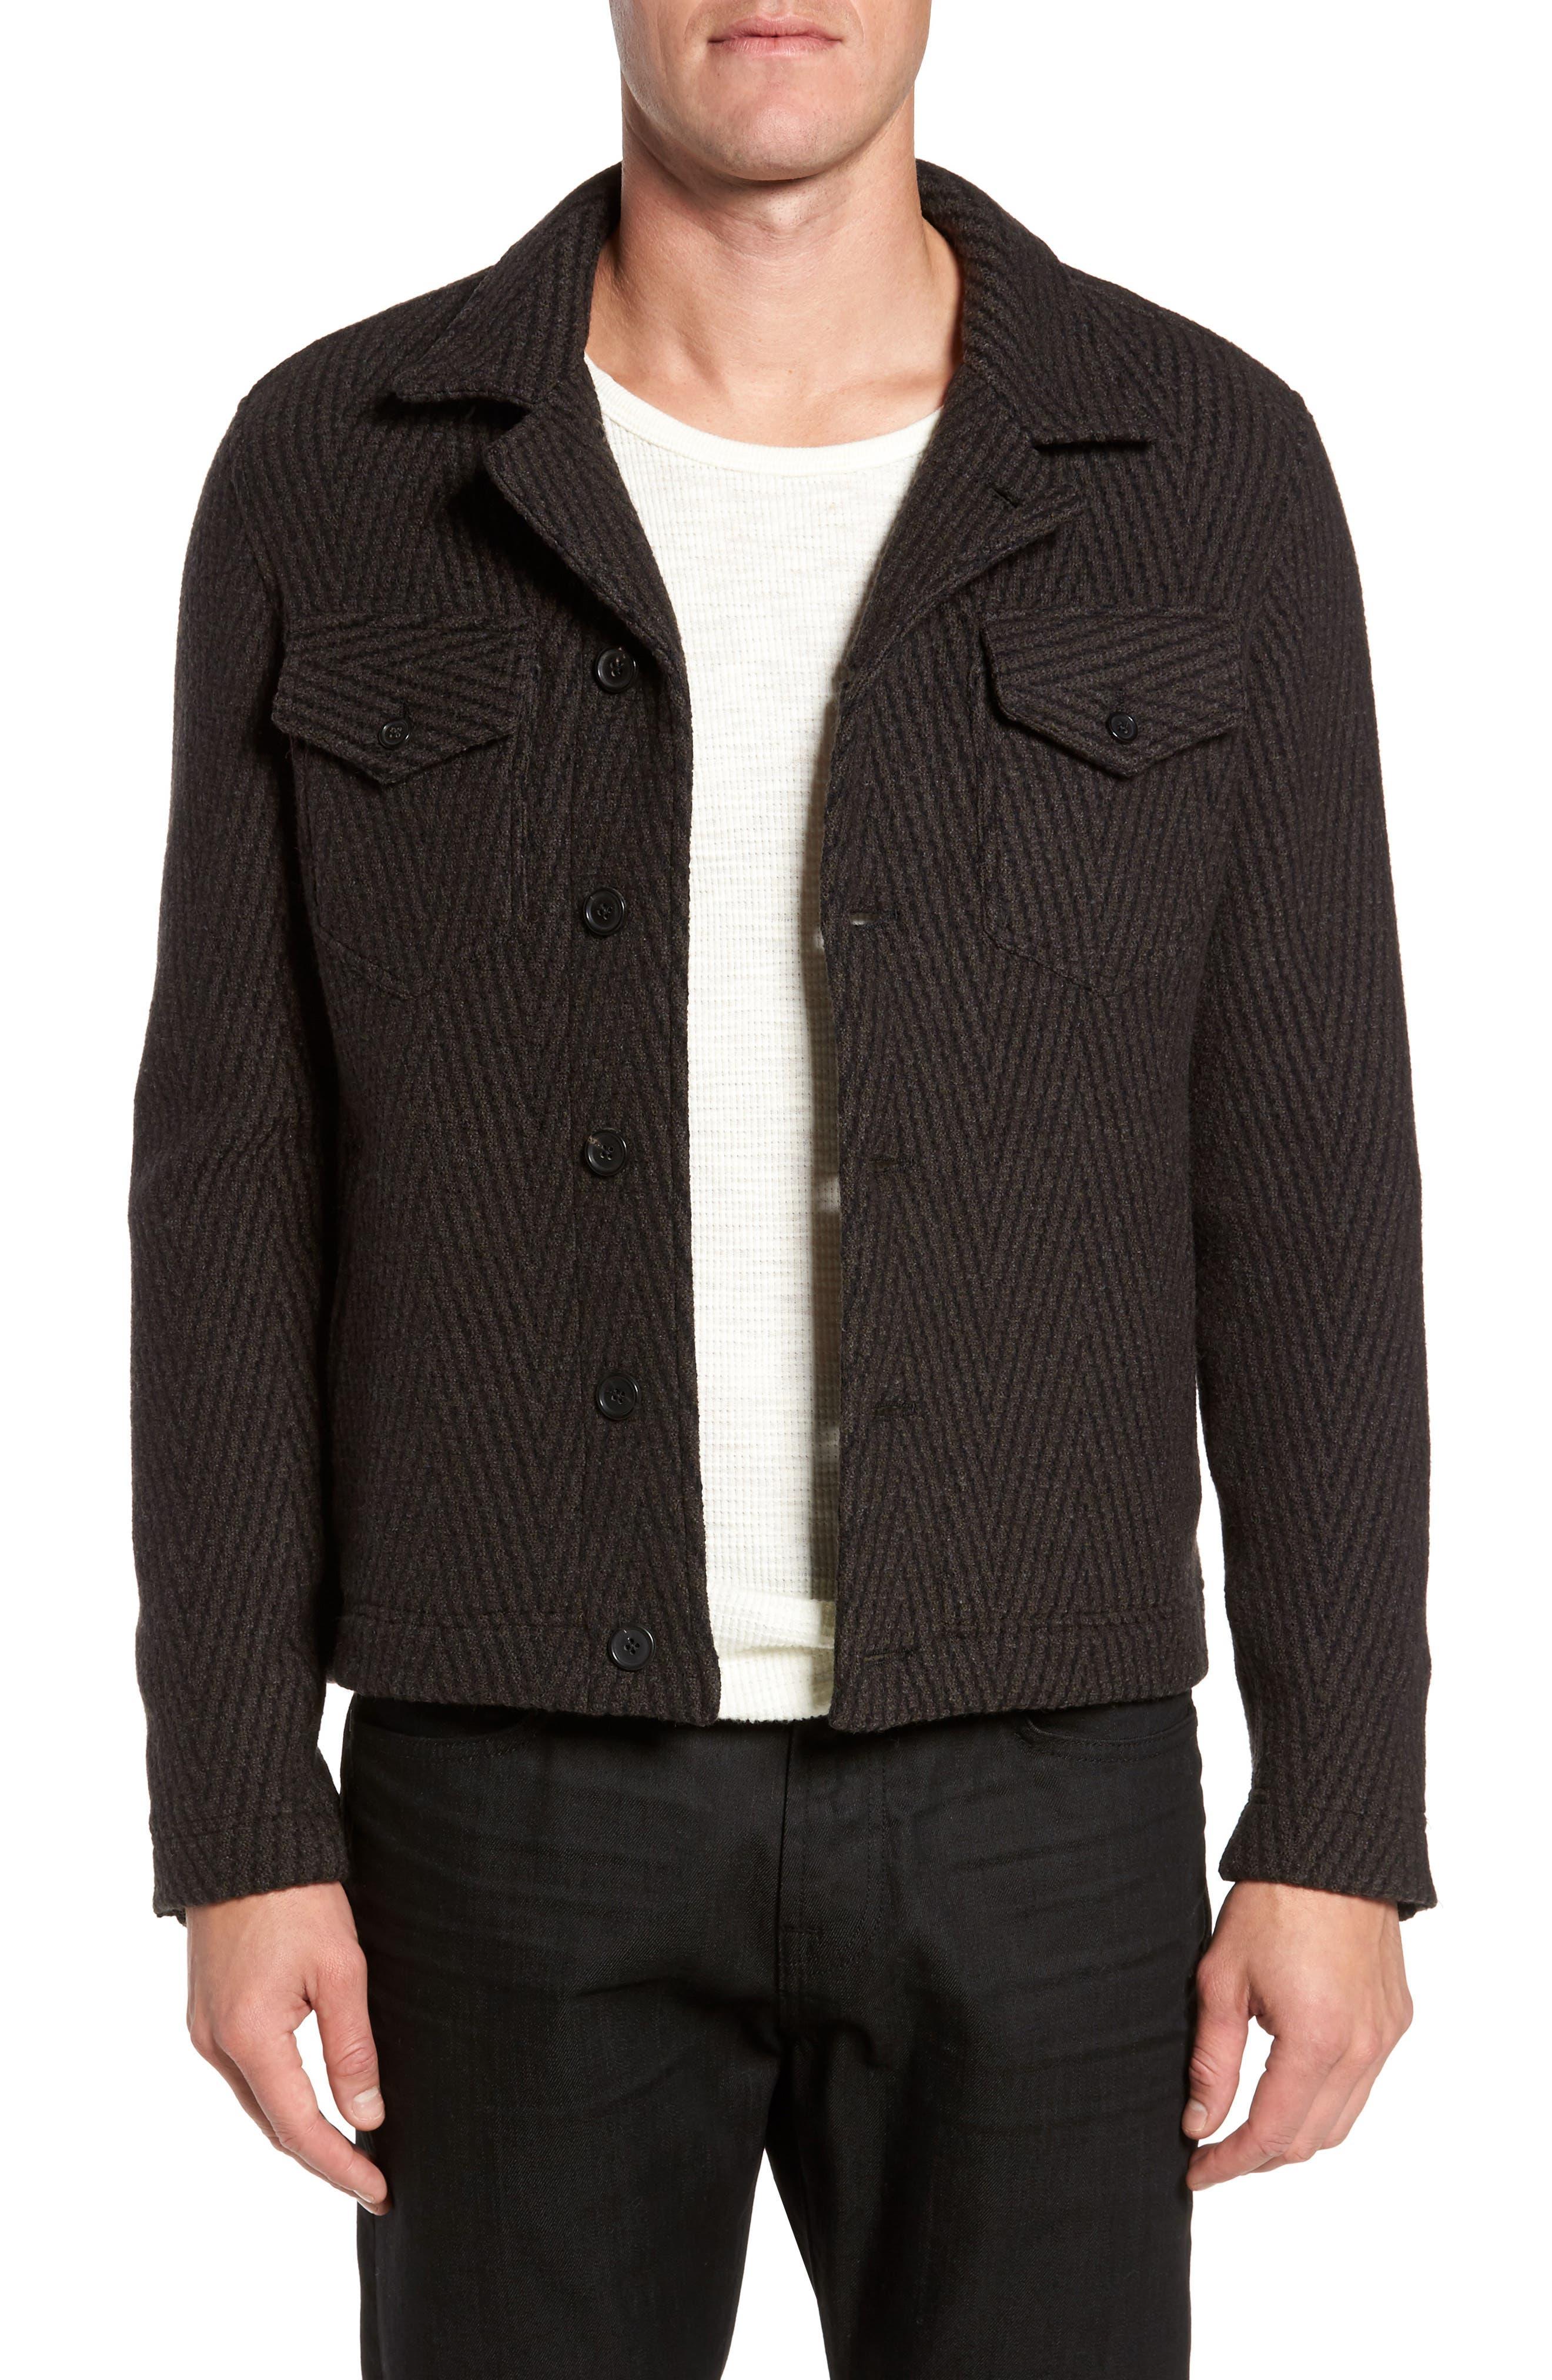 Berger Wool Shirt Jacket,                             Main thumbnail 1, color,                             200